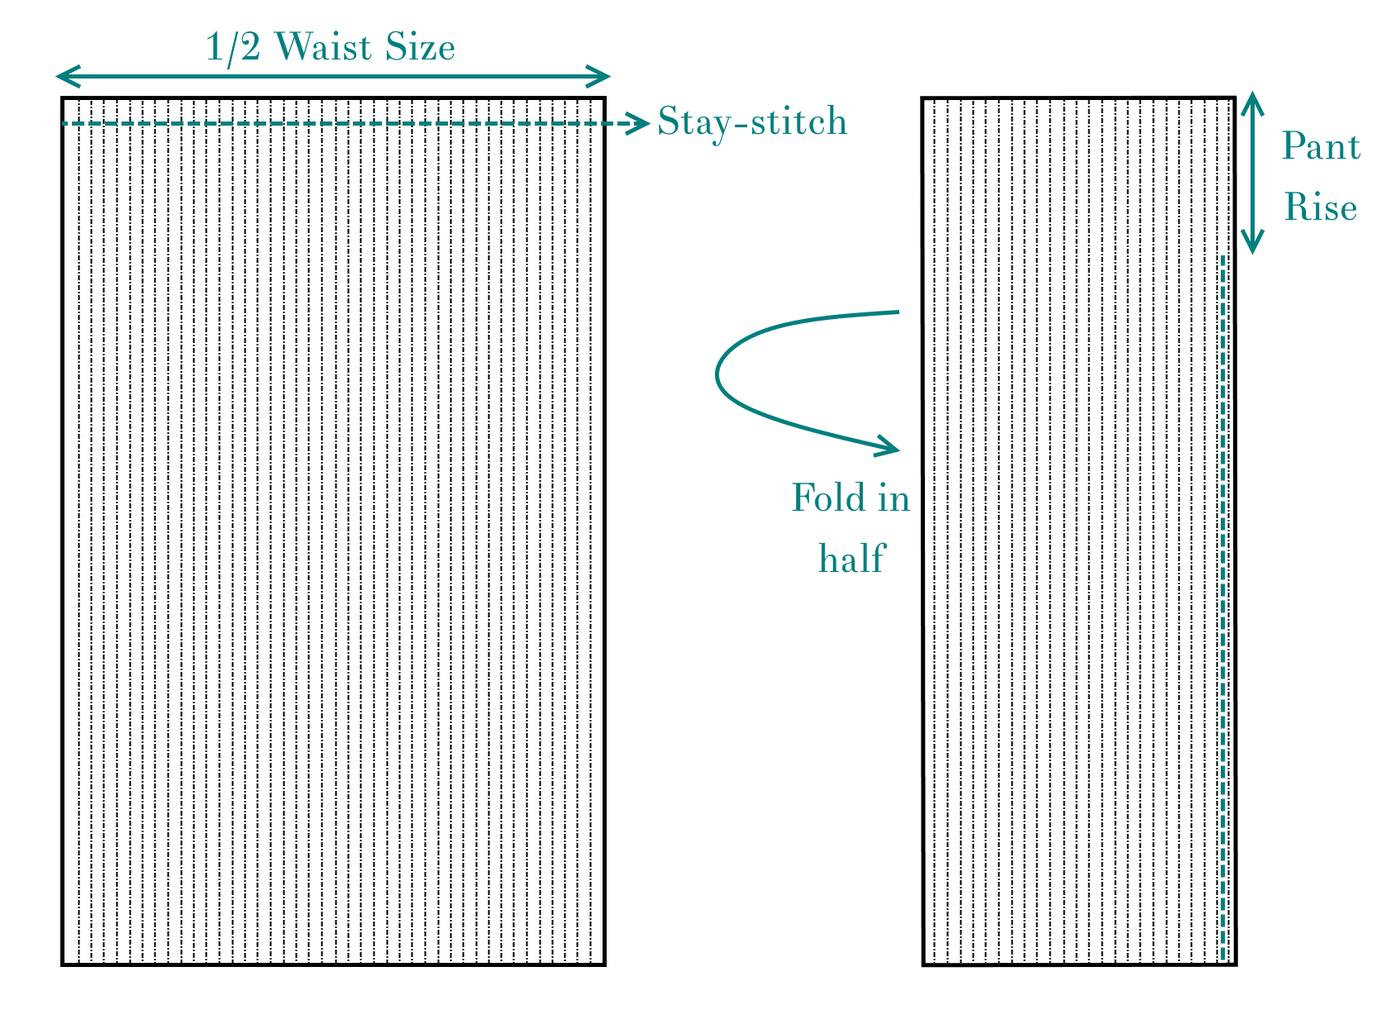 Assembling Your Garment